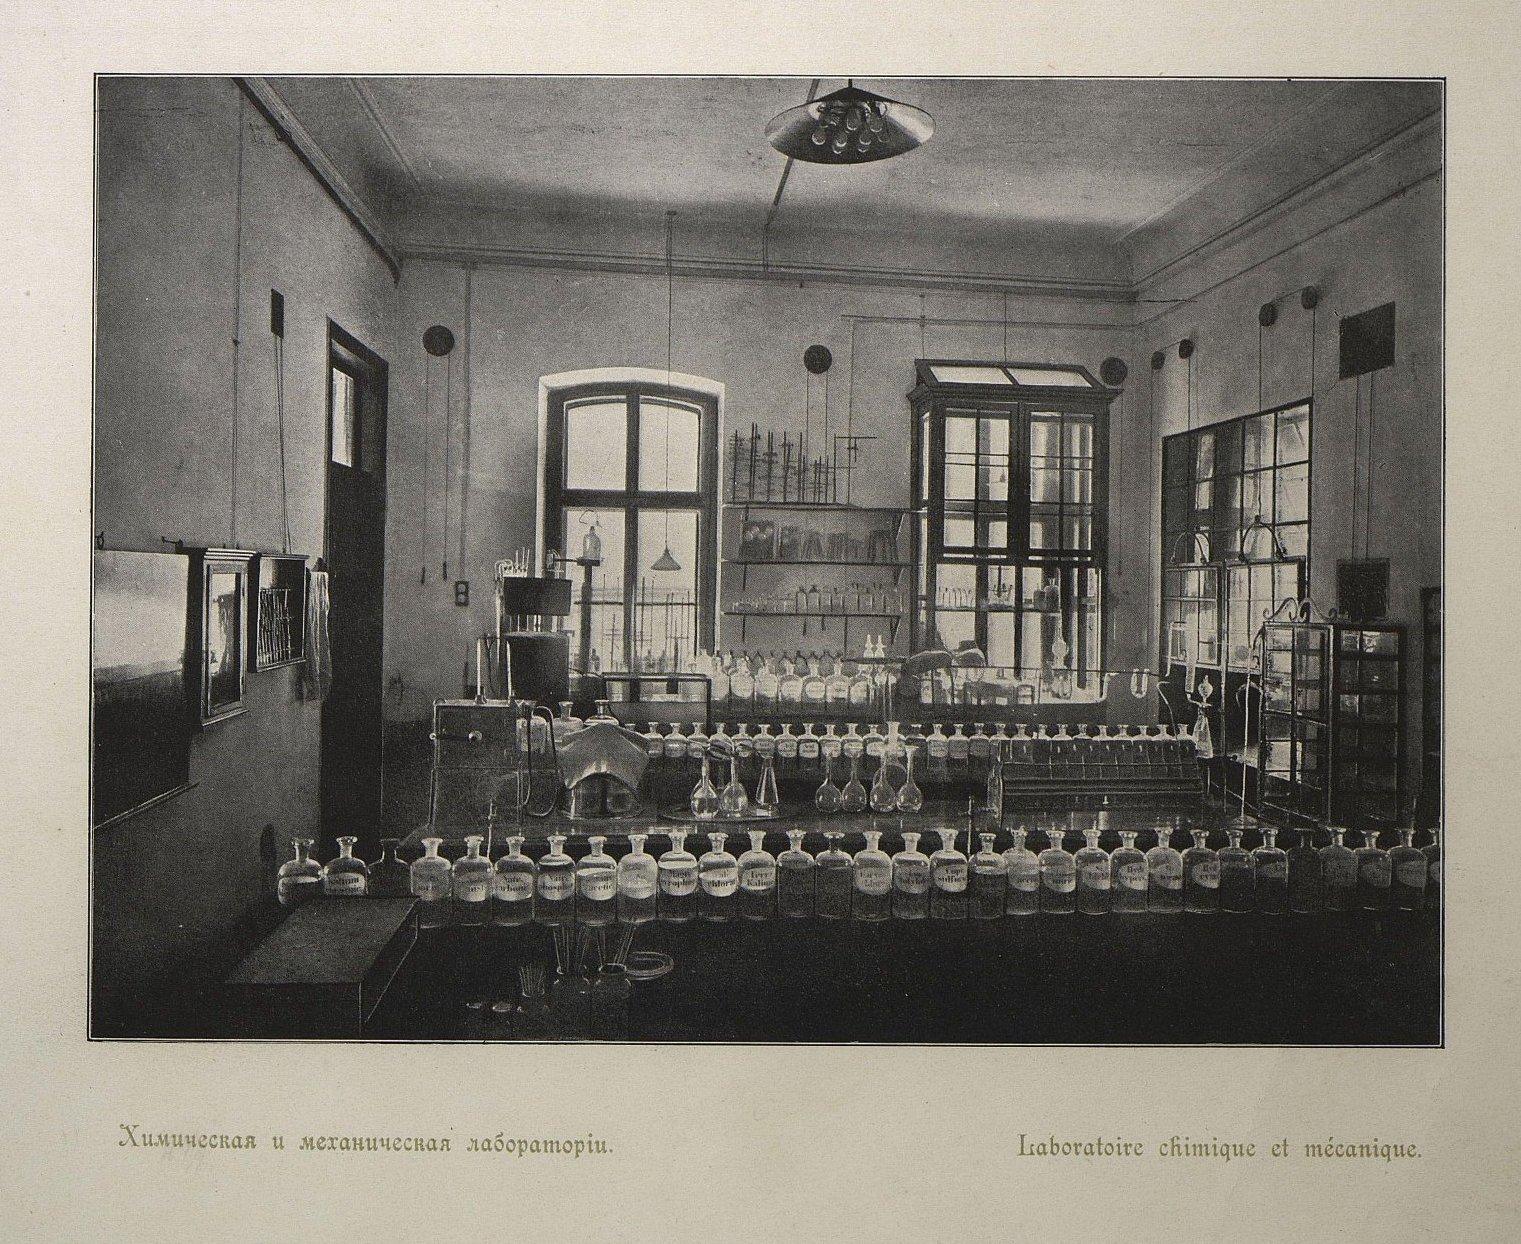 Химическая и механическая лаборатории